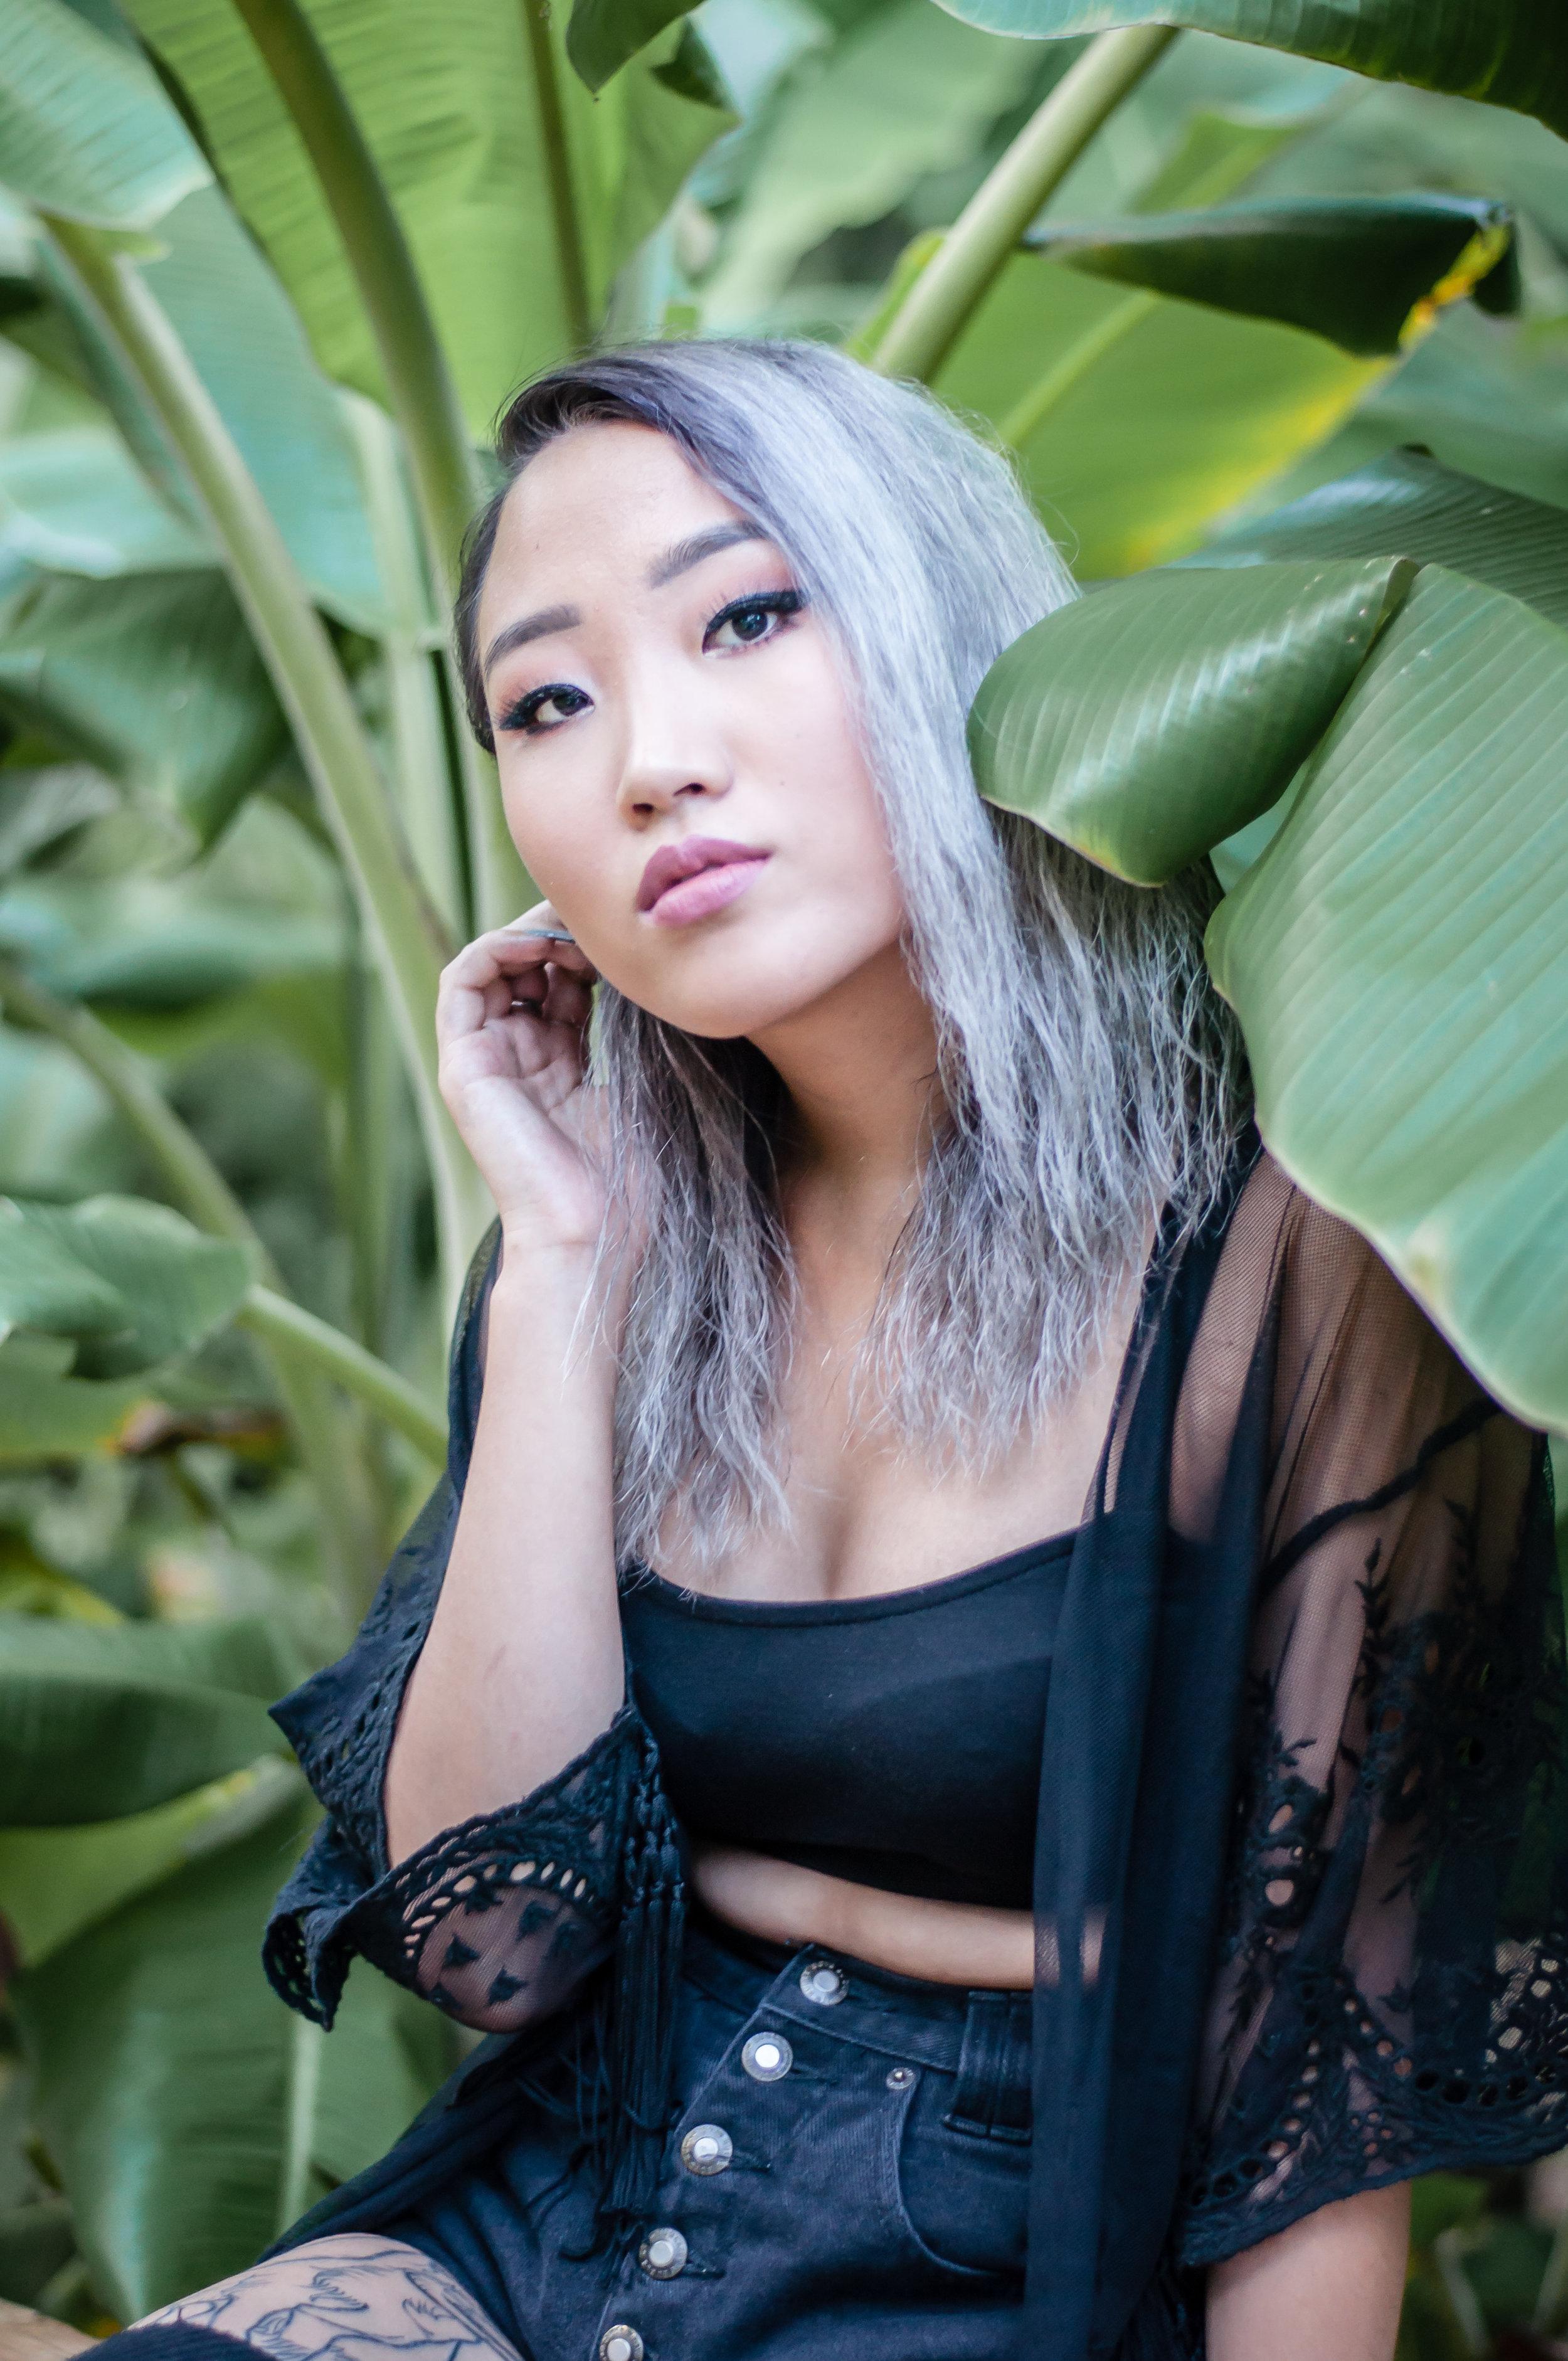 palm-coast-fashion-photography-orlando-photographer-yanitza-ninett